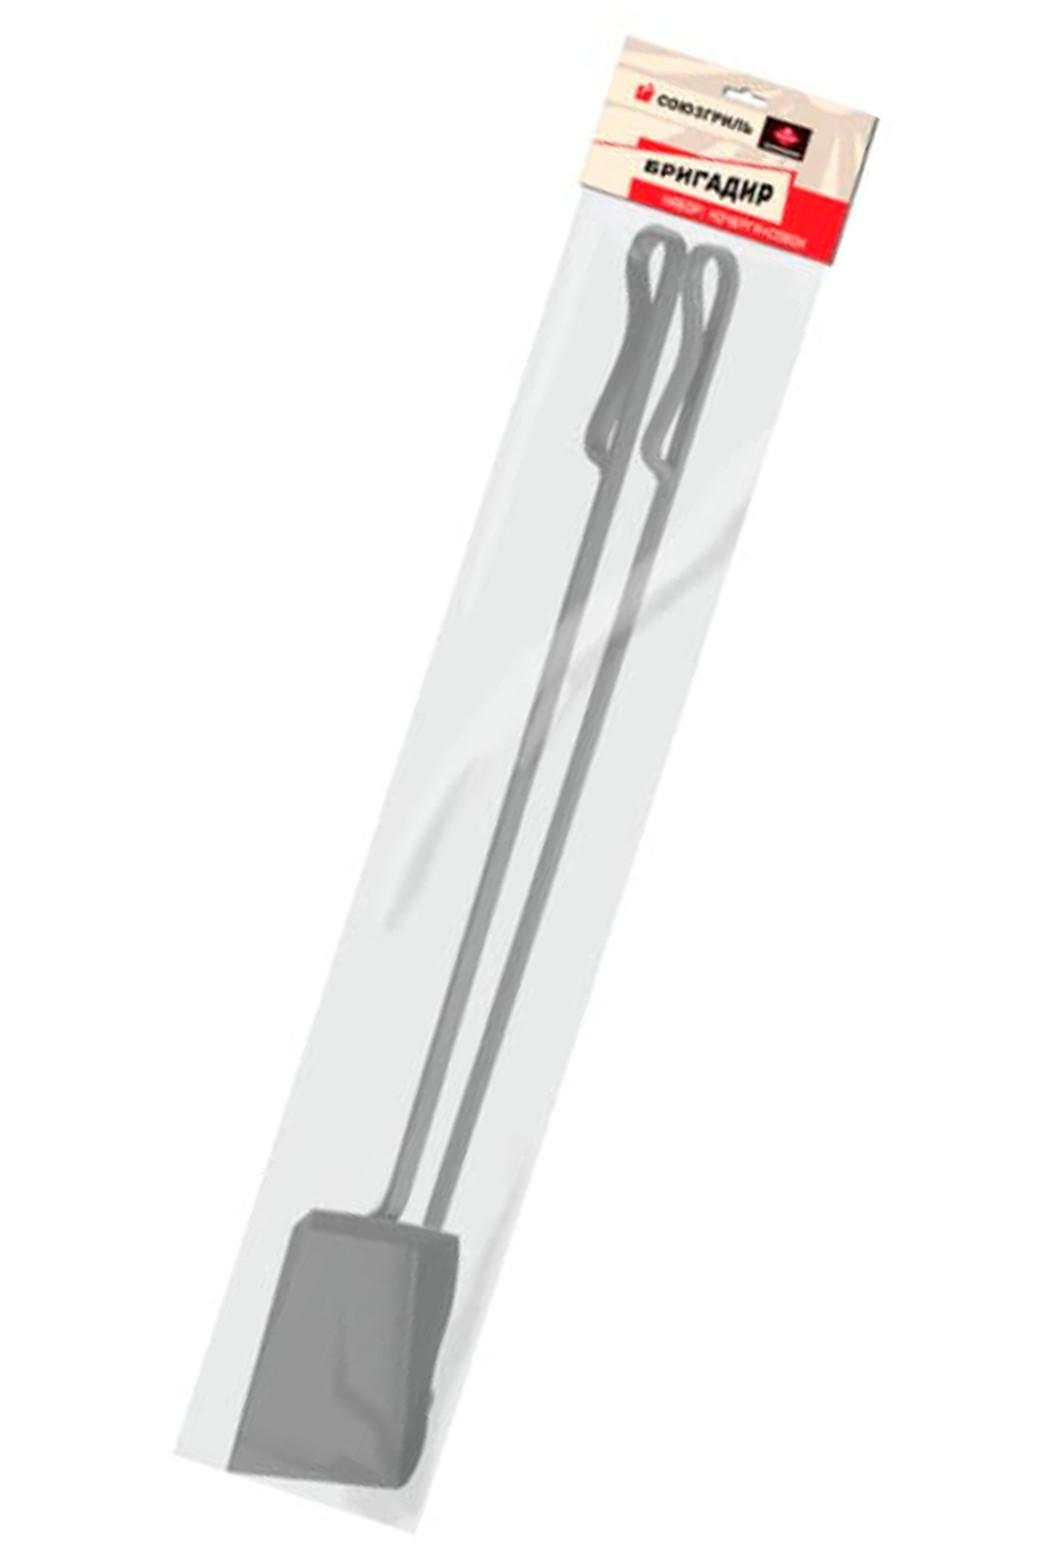 Комплект из кочерги и совка Союзгриль N1-A09